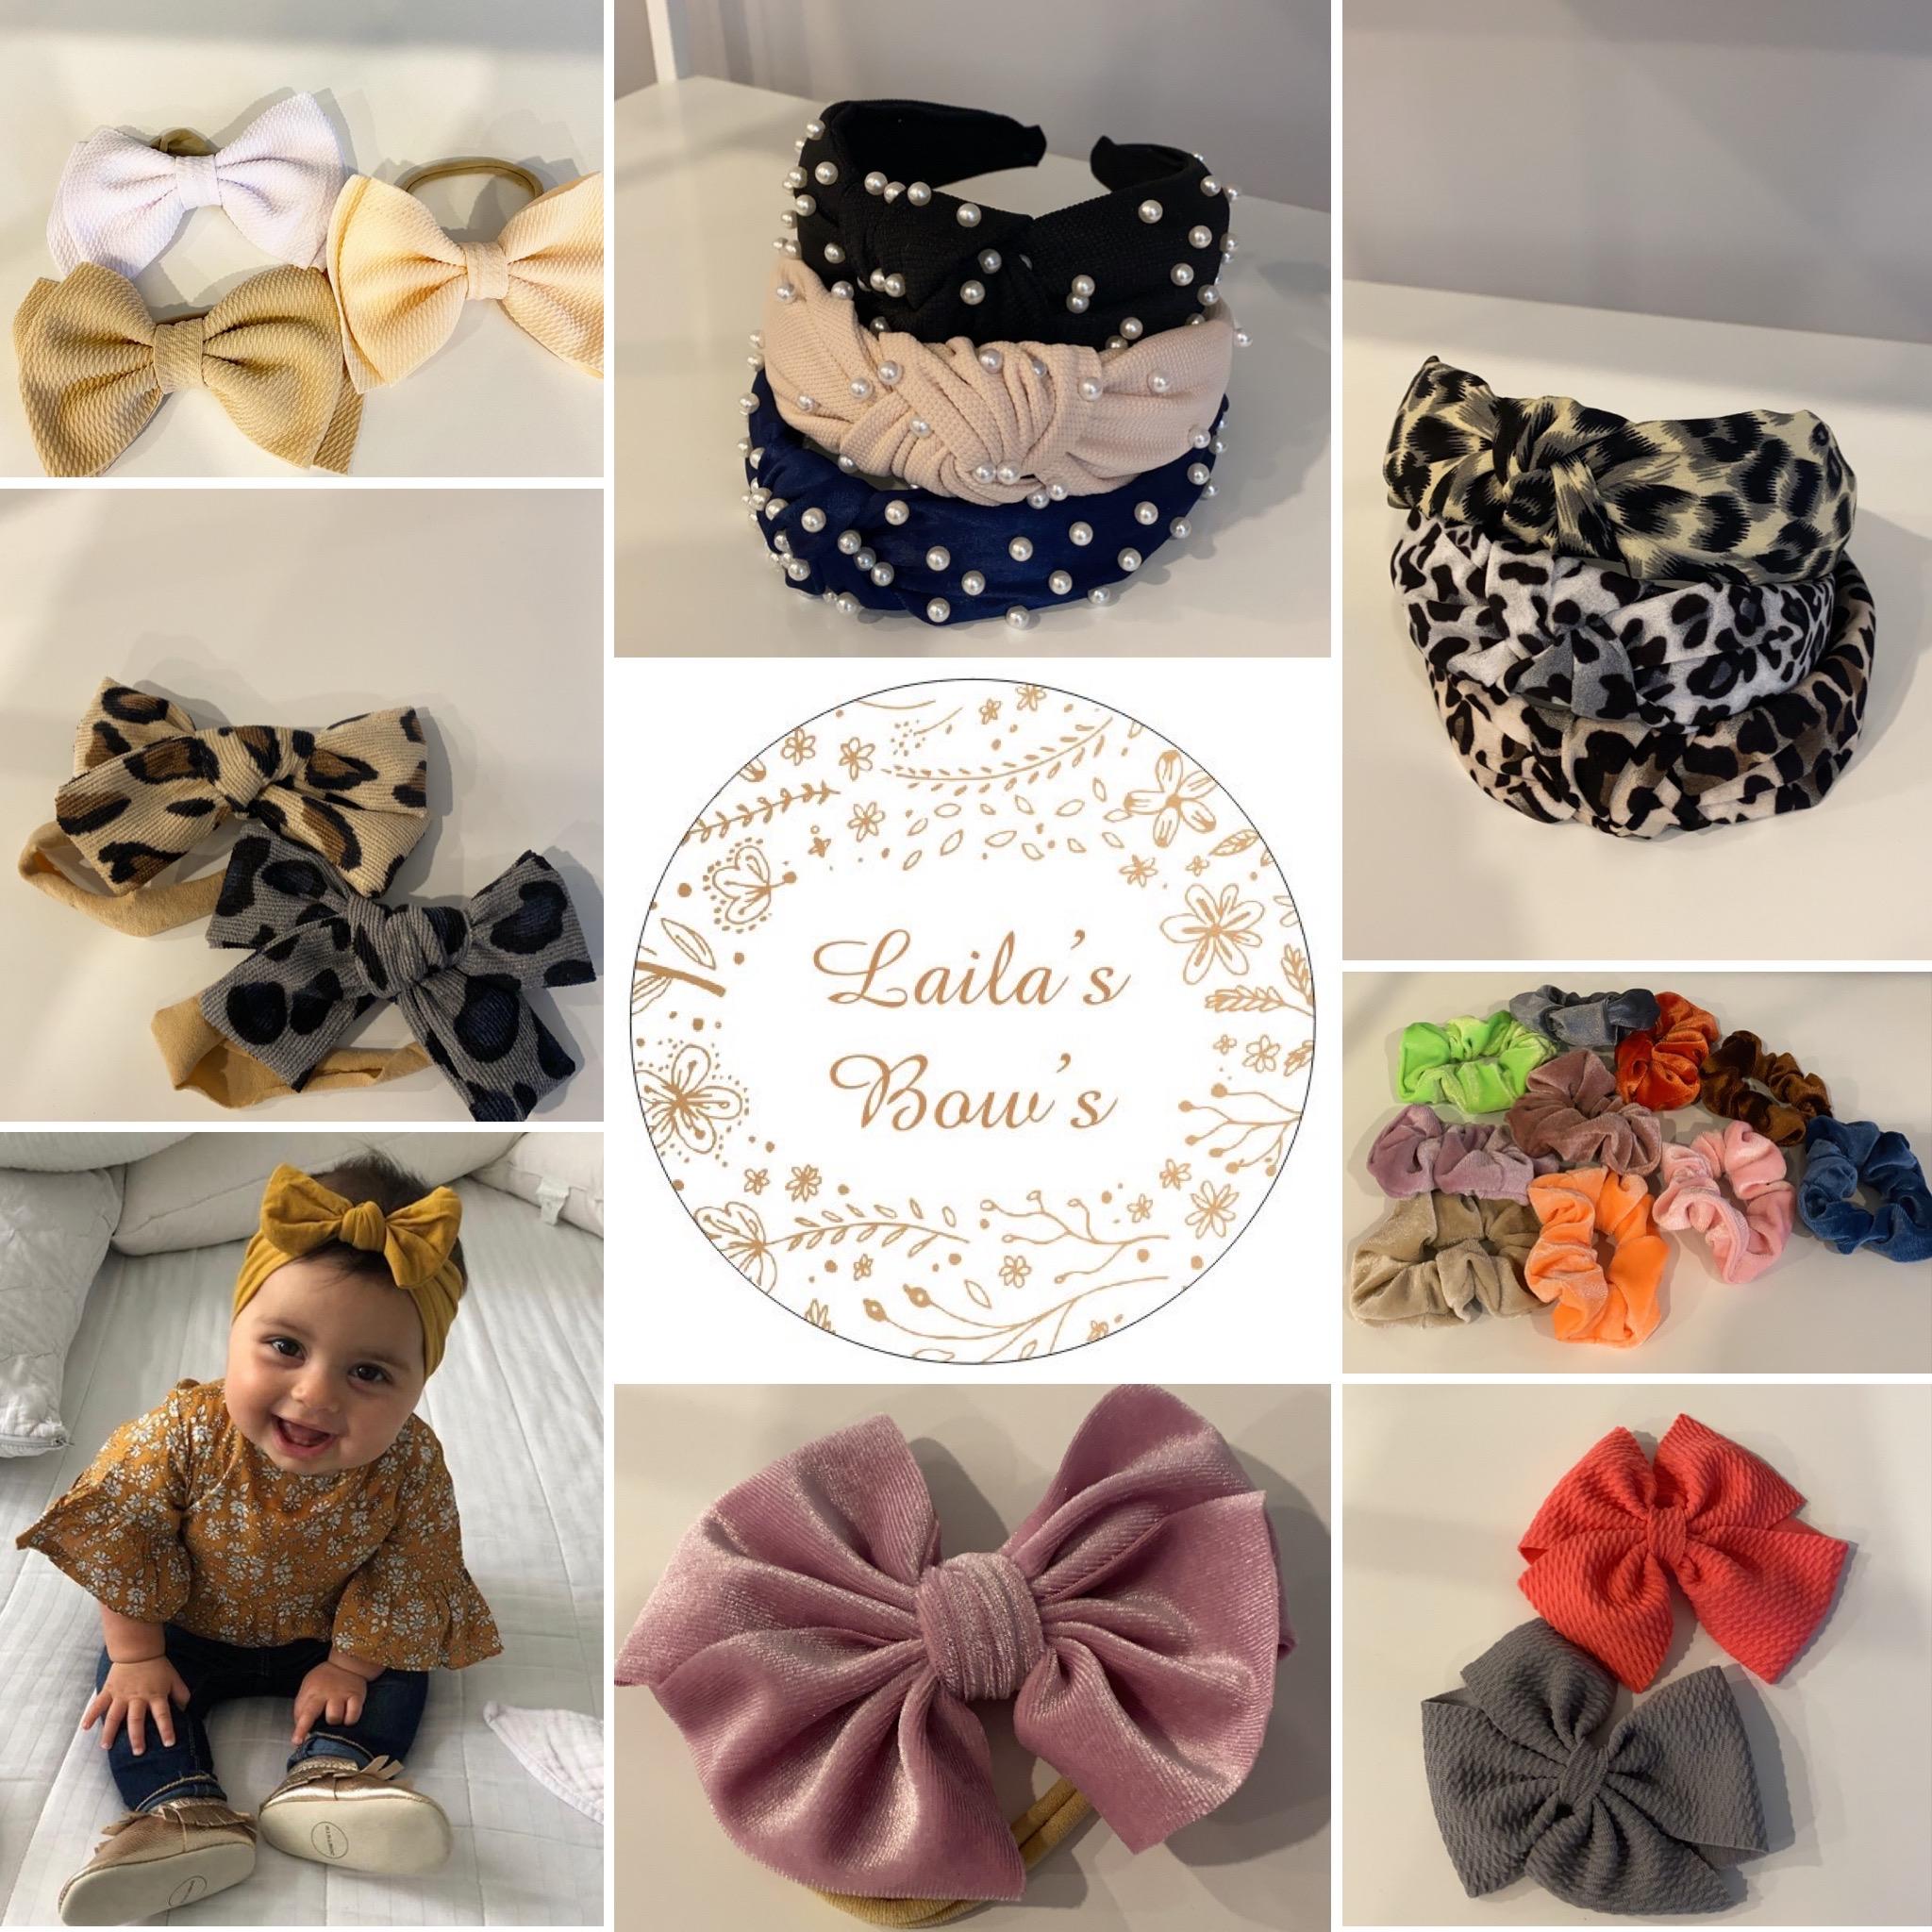 Laila's Bows